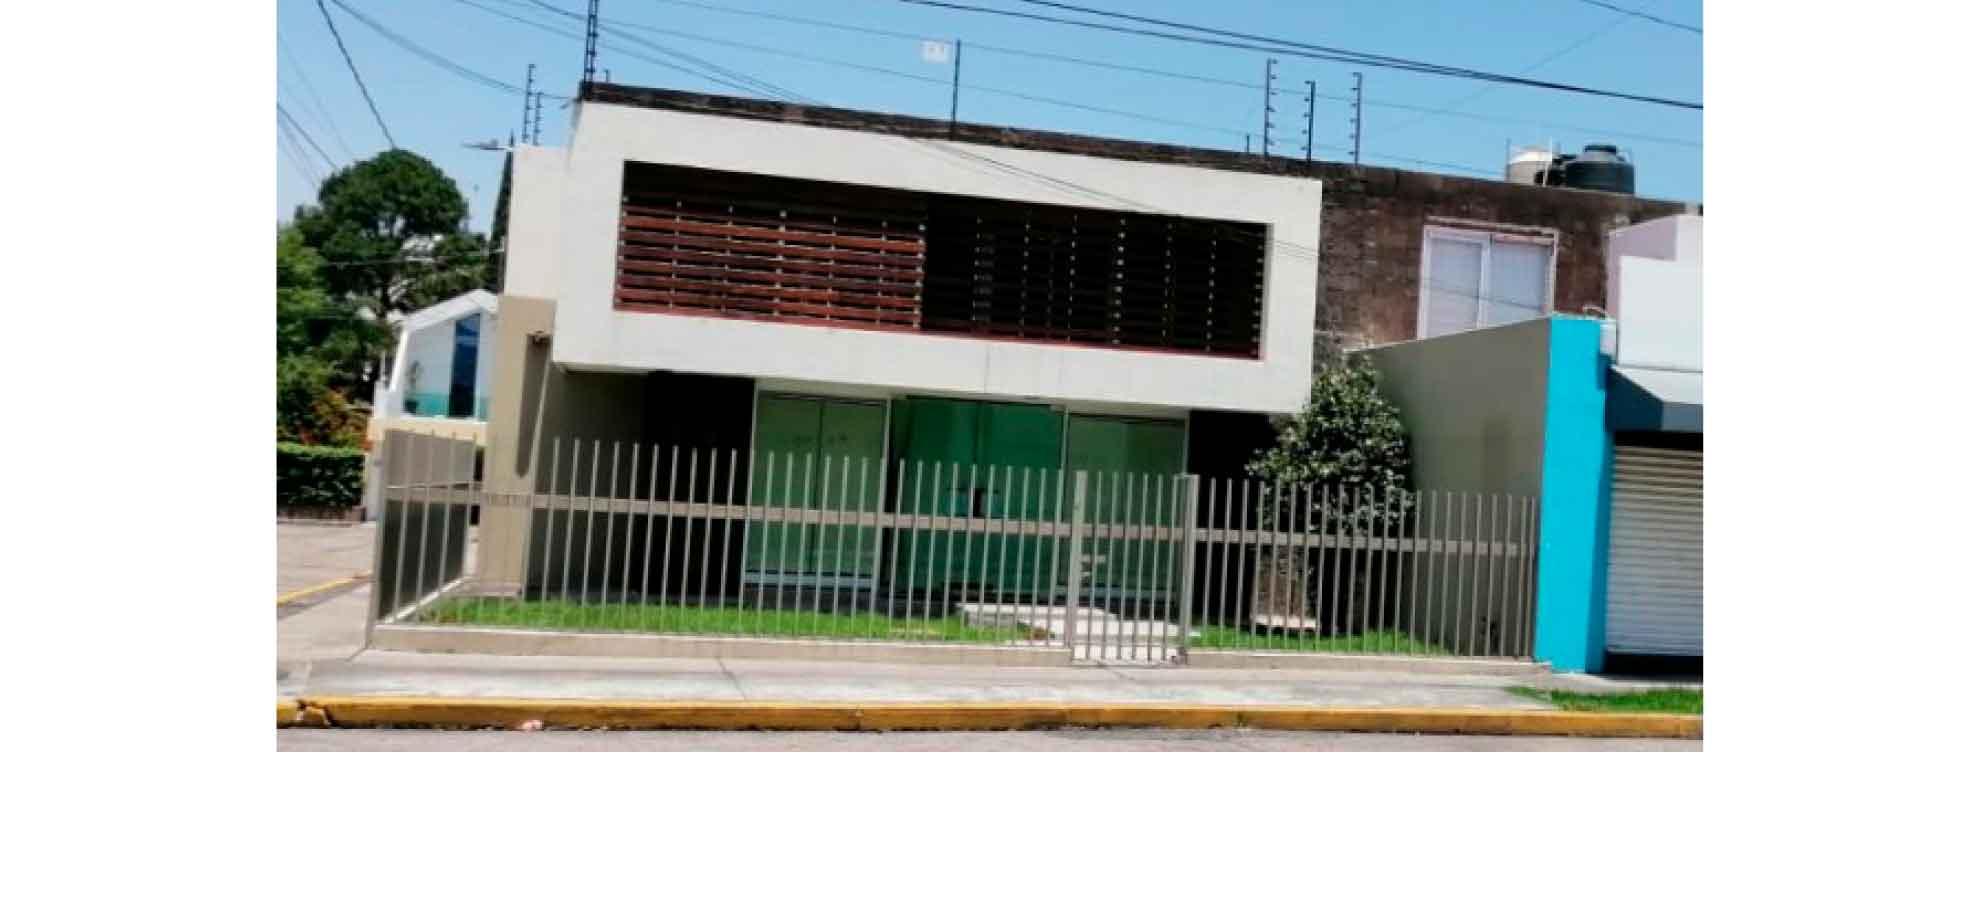 CASA EN VENTA EN CHAPULTEPEC NORTE, MORELIA